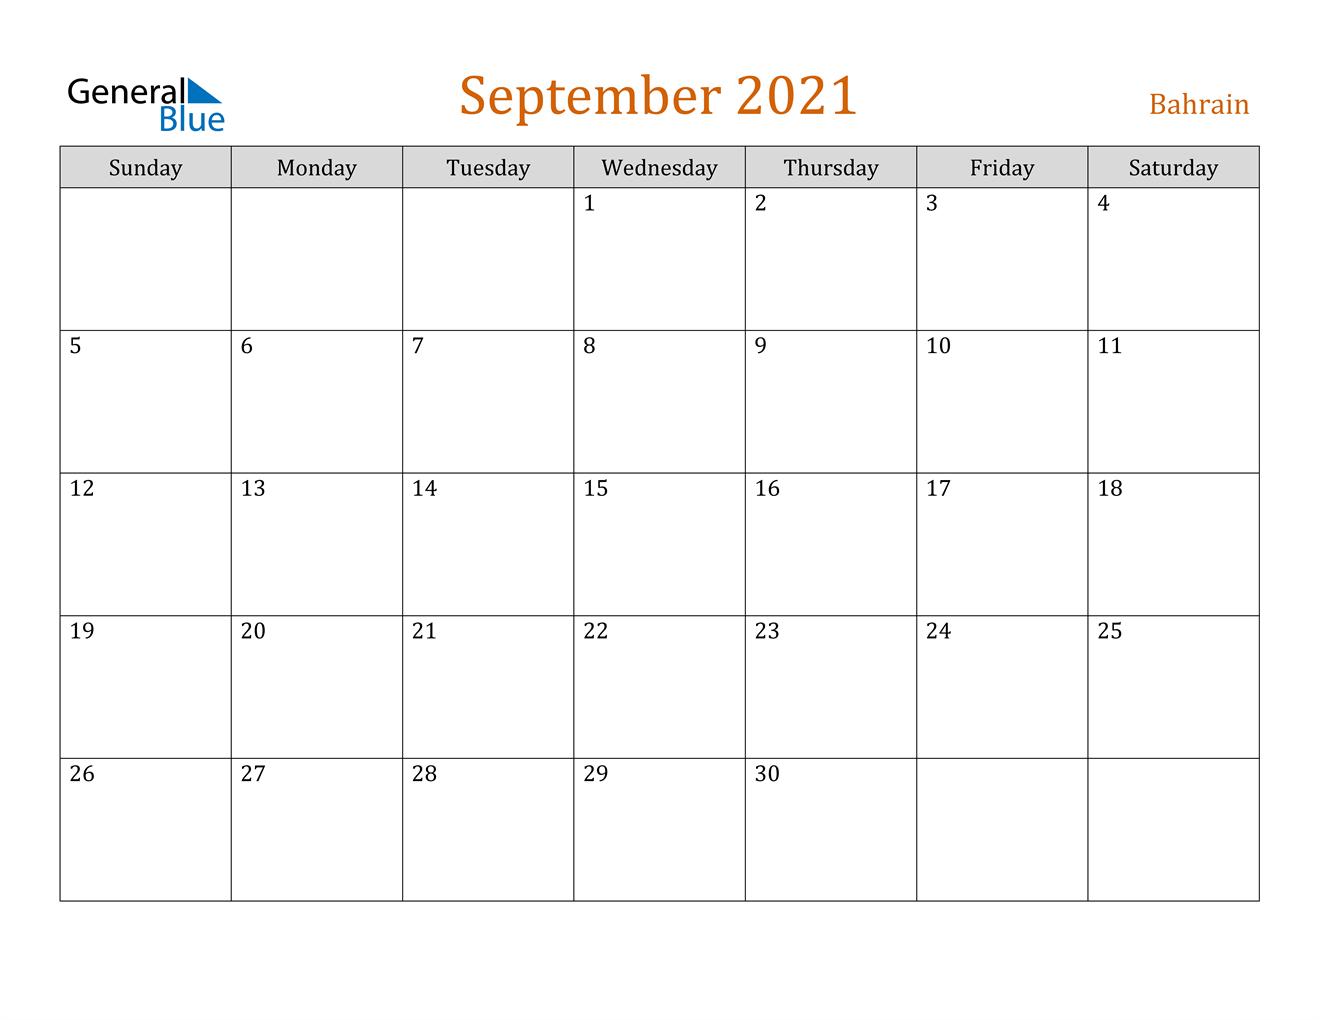 September 2021 Calendar - Bahrain